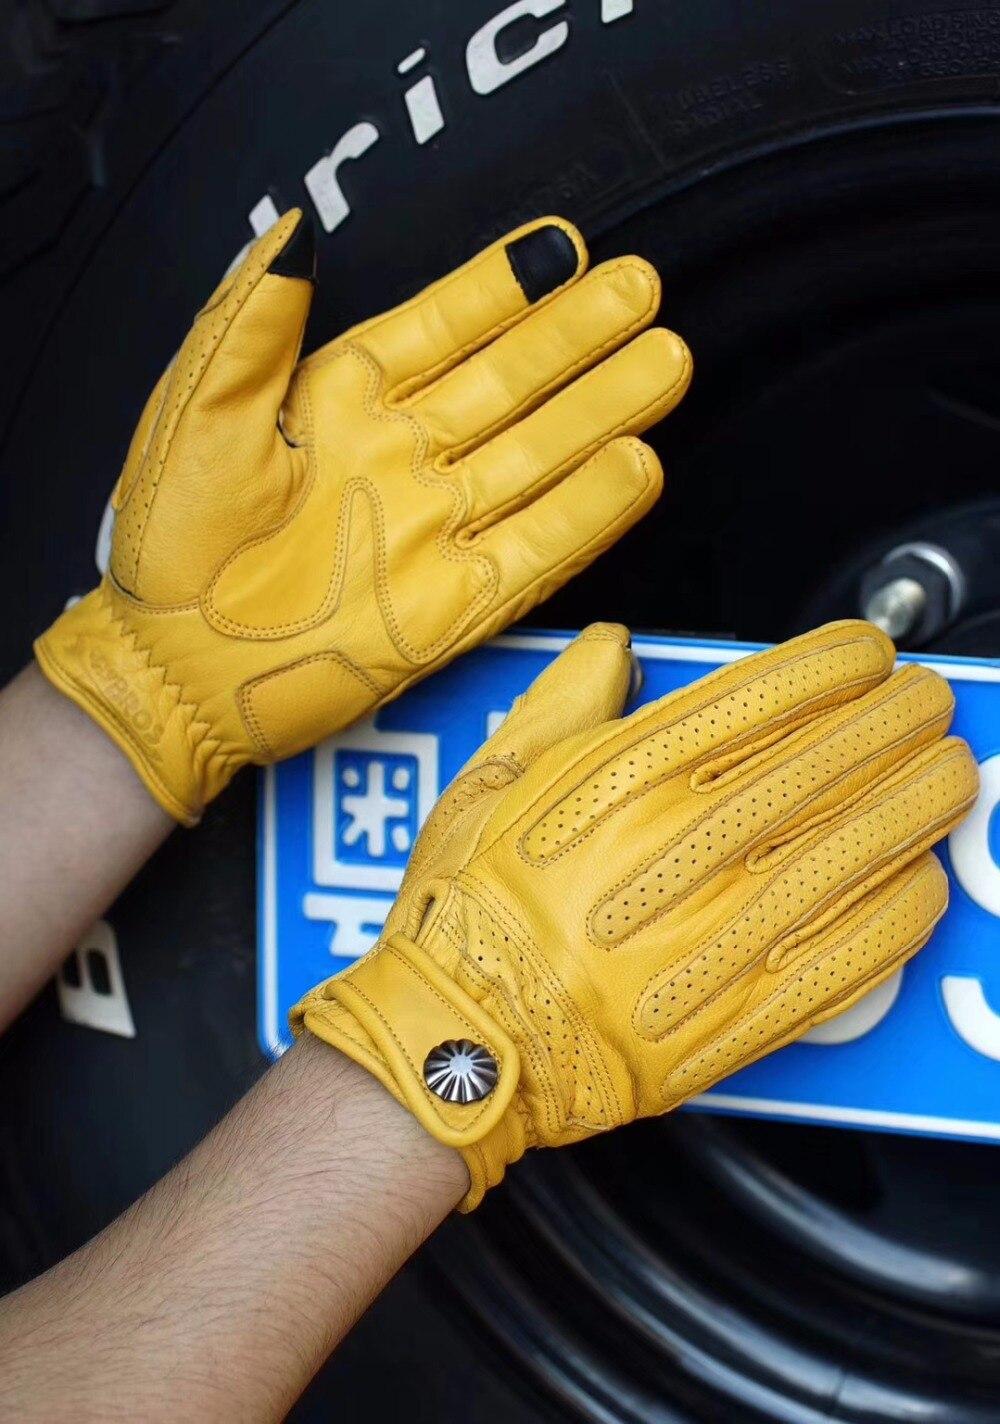 Новый uglyBROS мотоциклетные Прихватки для мангала Винтаж овчины перчатки защитные 3 цвета унисекс road перчатки